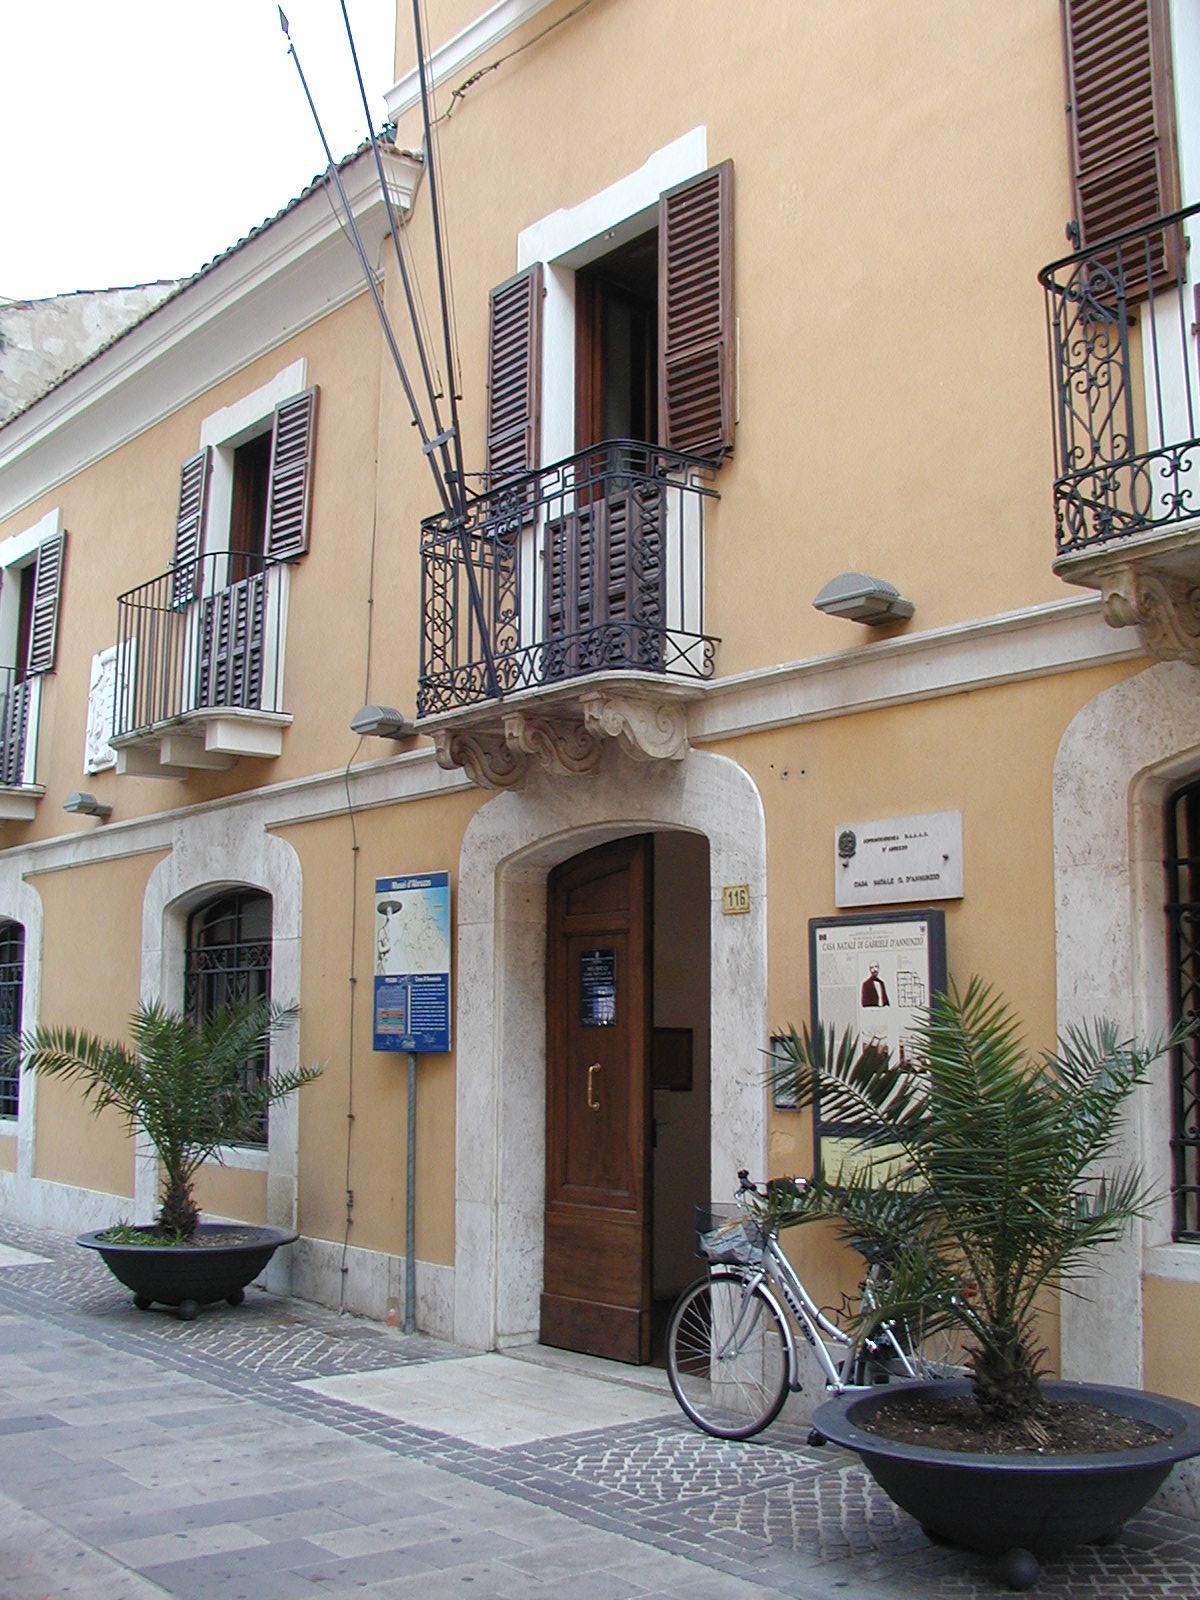 Pescara wikipedia la enciclopedia libre for Sedia di d annunzio